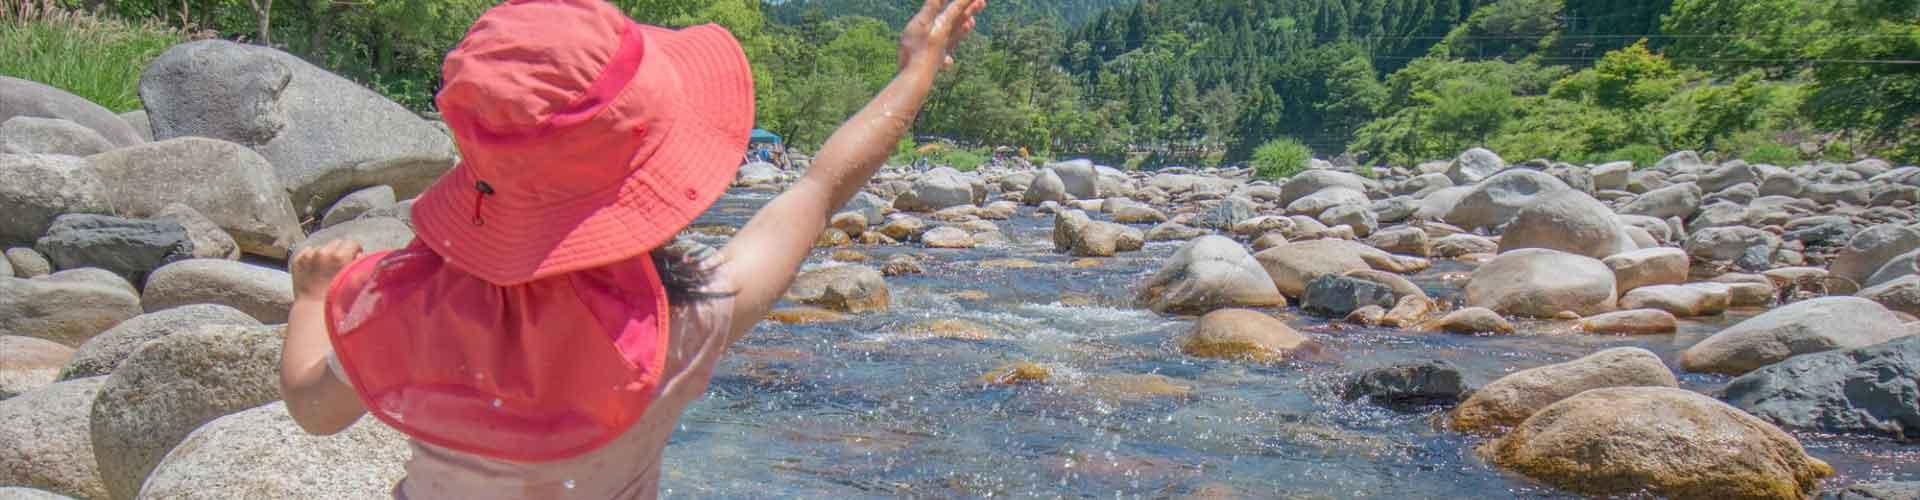 子どもと一緒に川遊びを楽しむ!事故を防ぐ5つのポイント